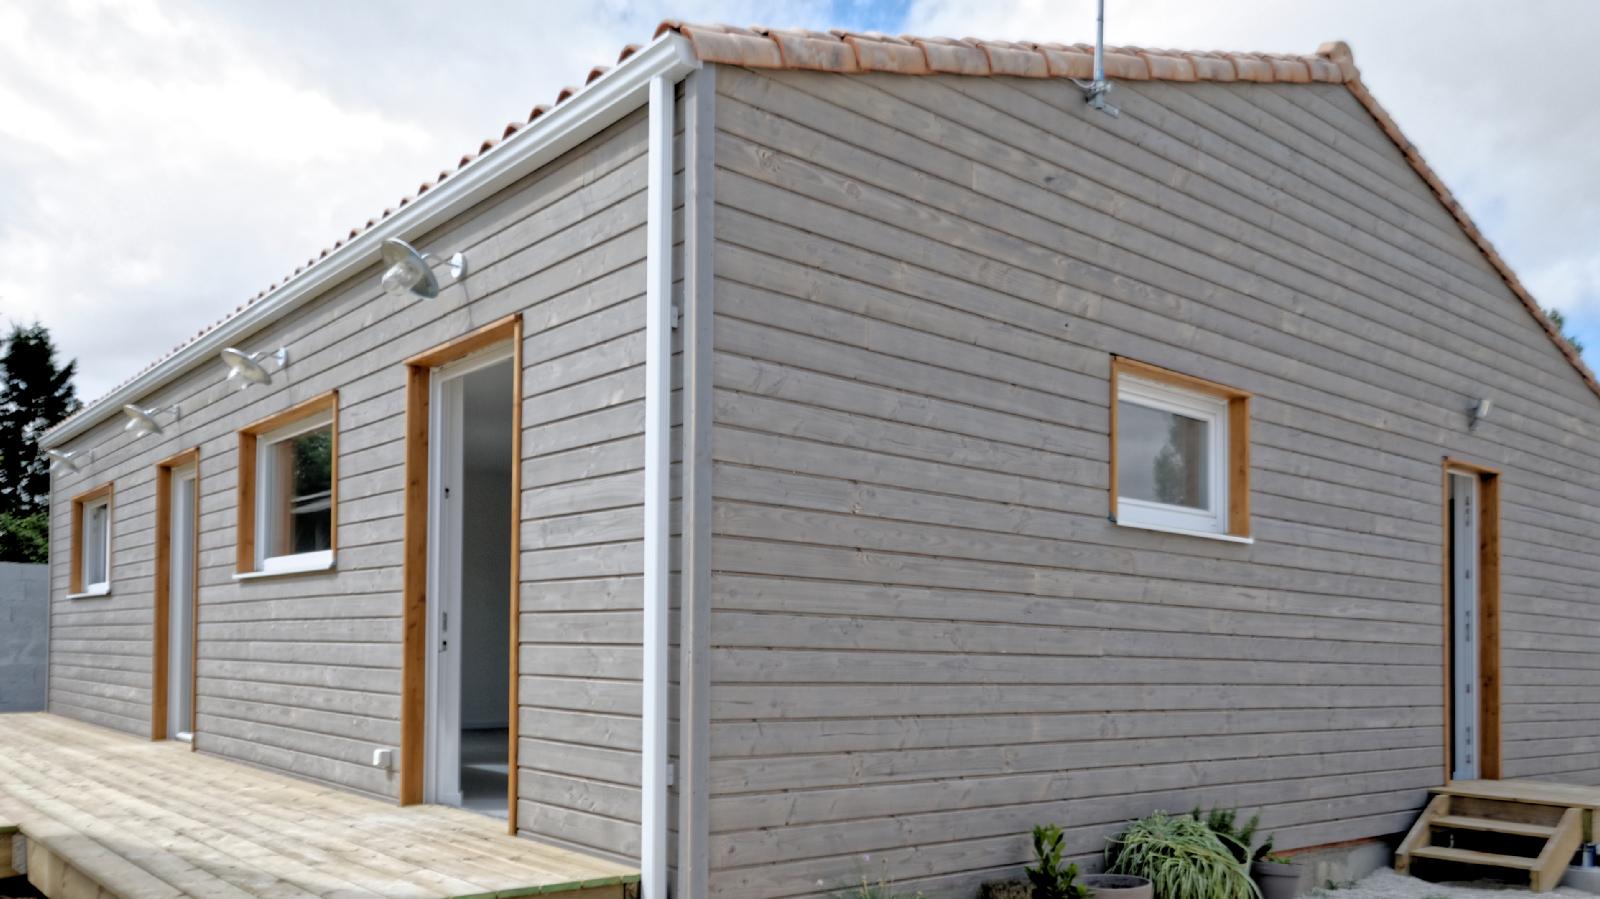 maison bois en charente maritime